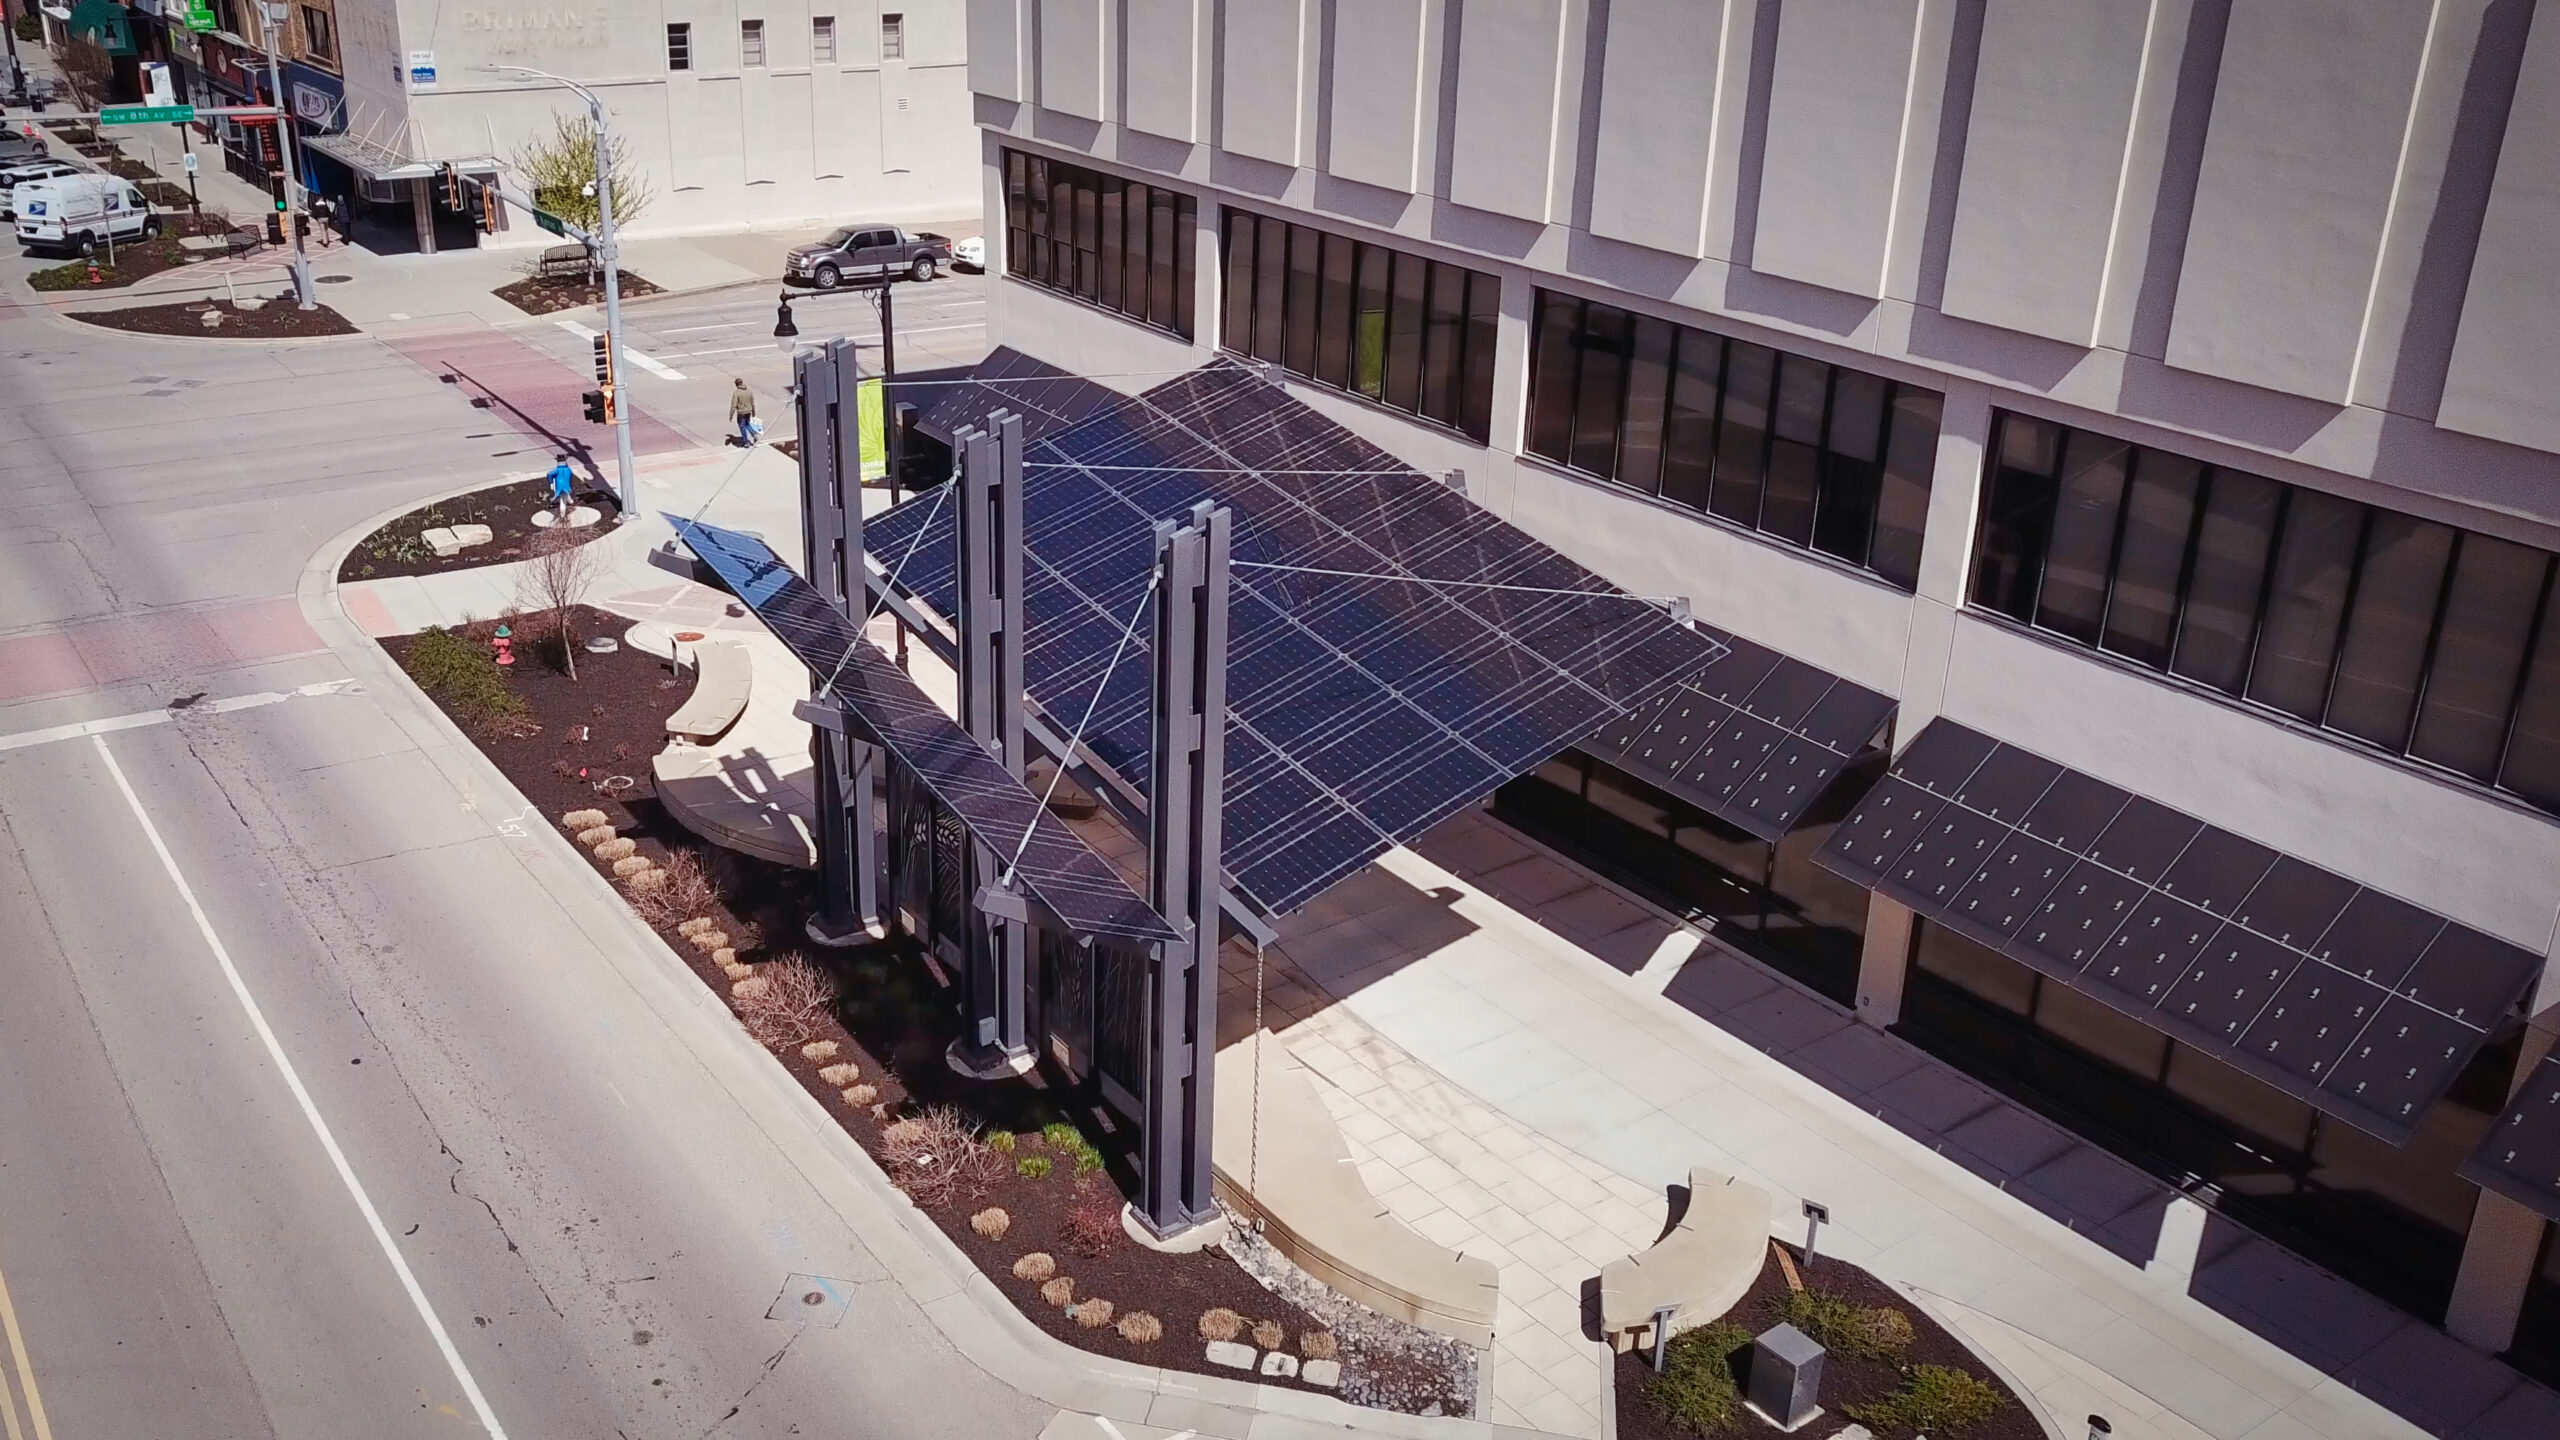 Evergy Solar Awning Topeka